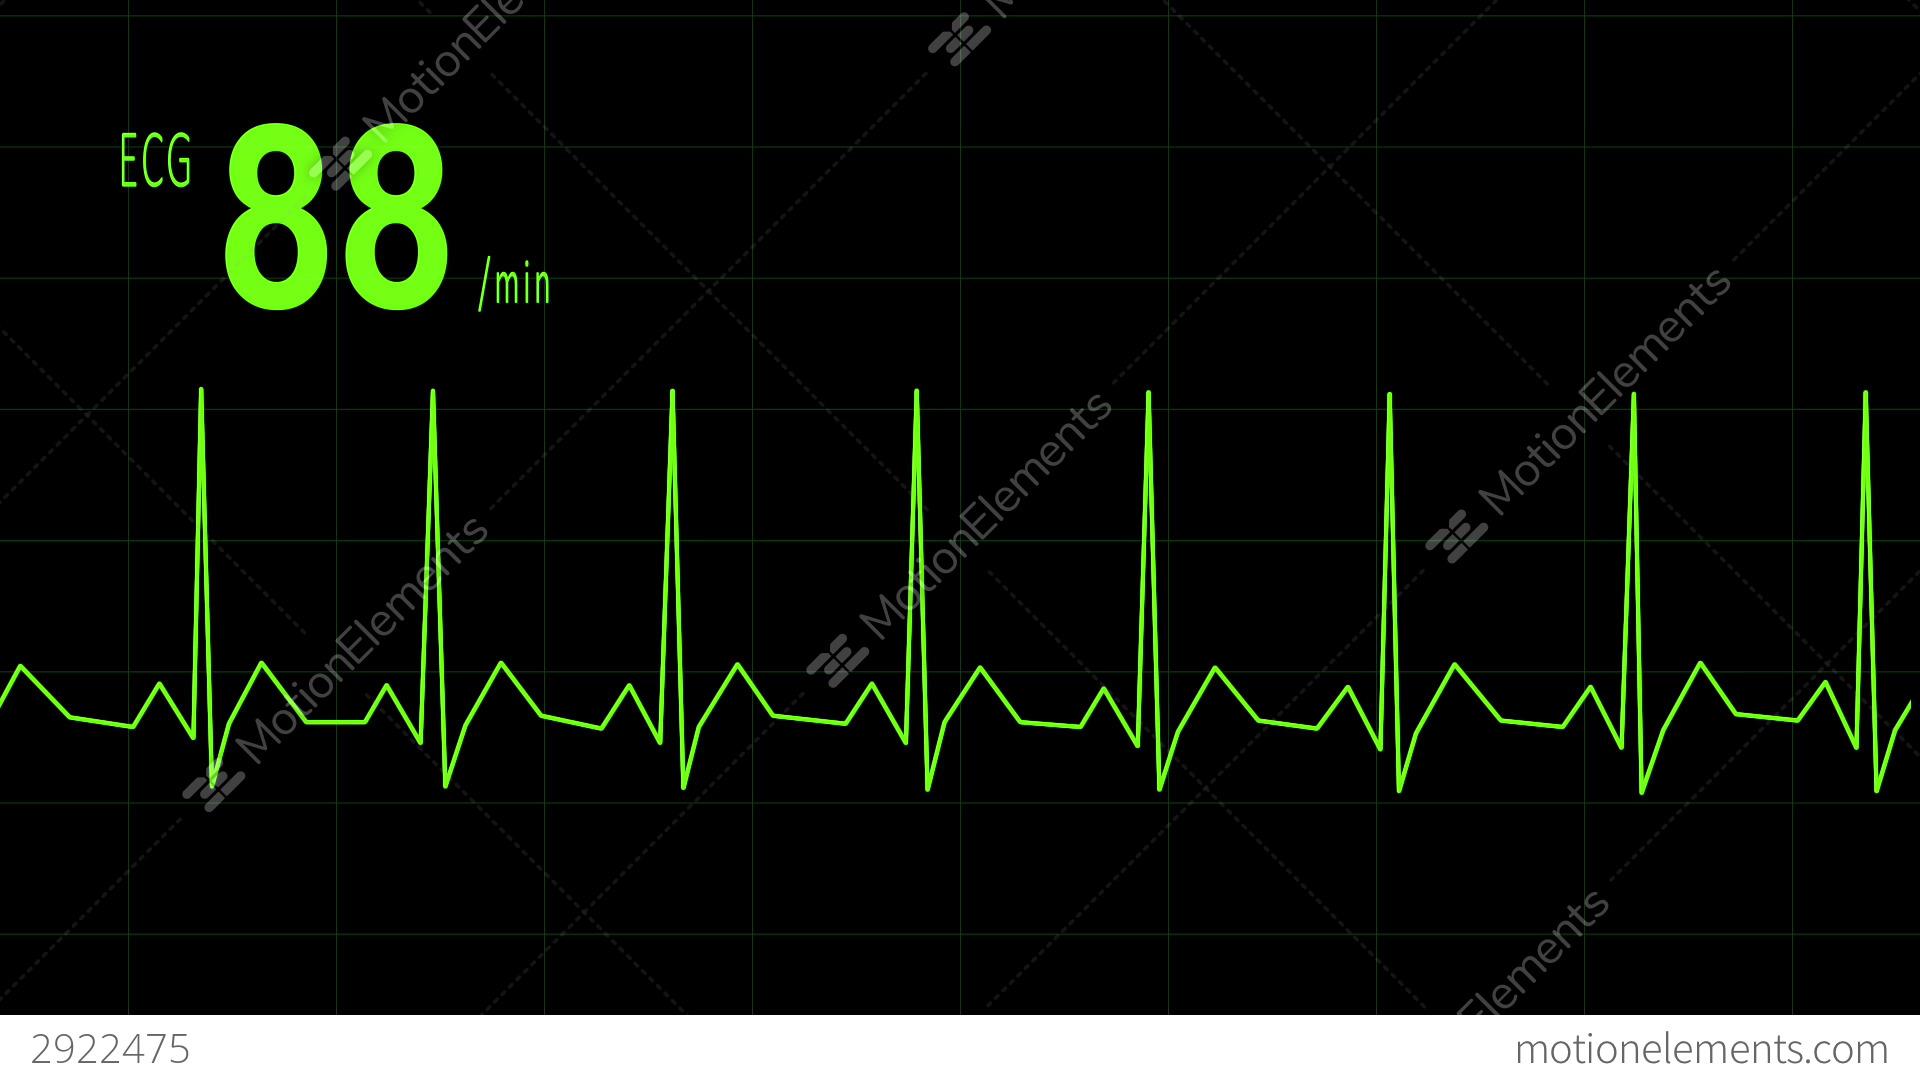 Ekg Heartbeat Image